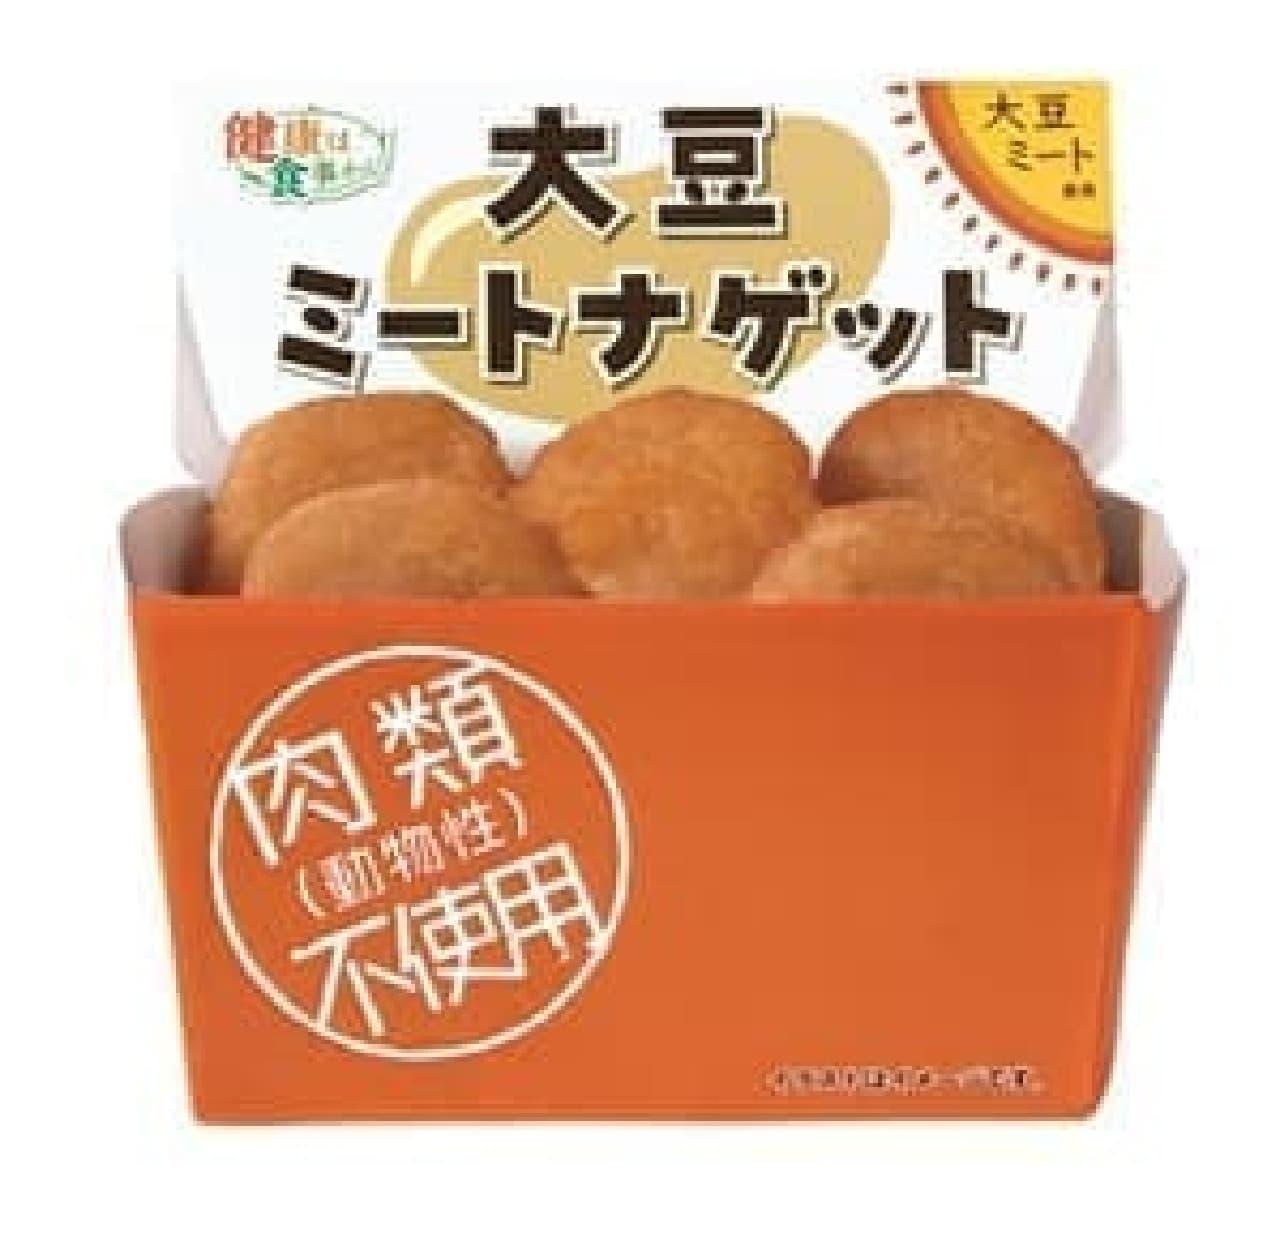 ファミマ大豆ミート